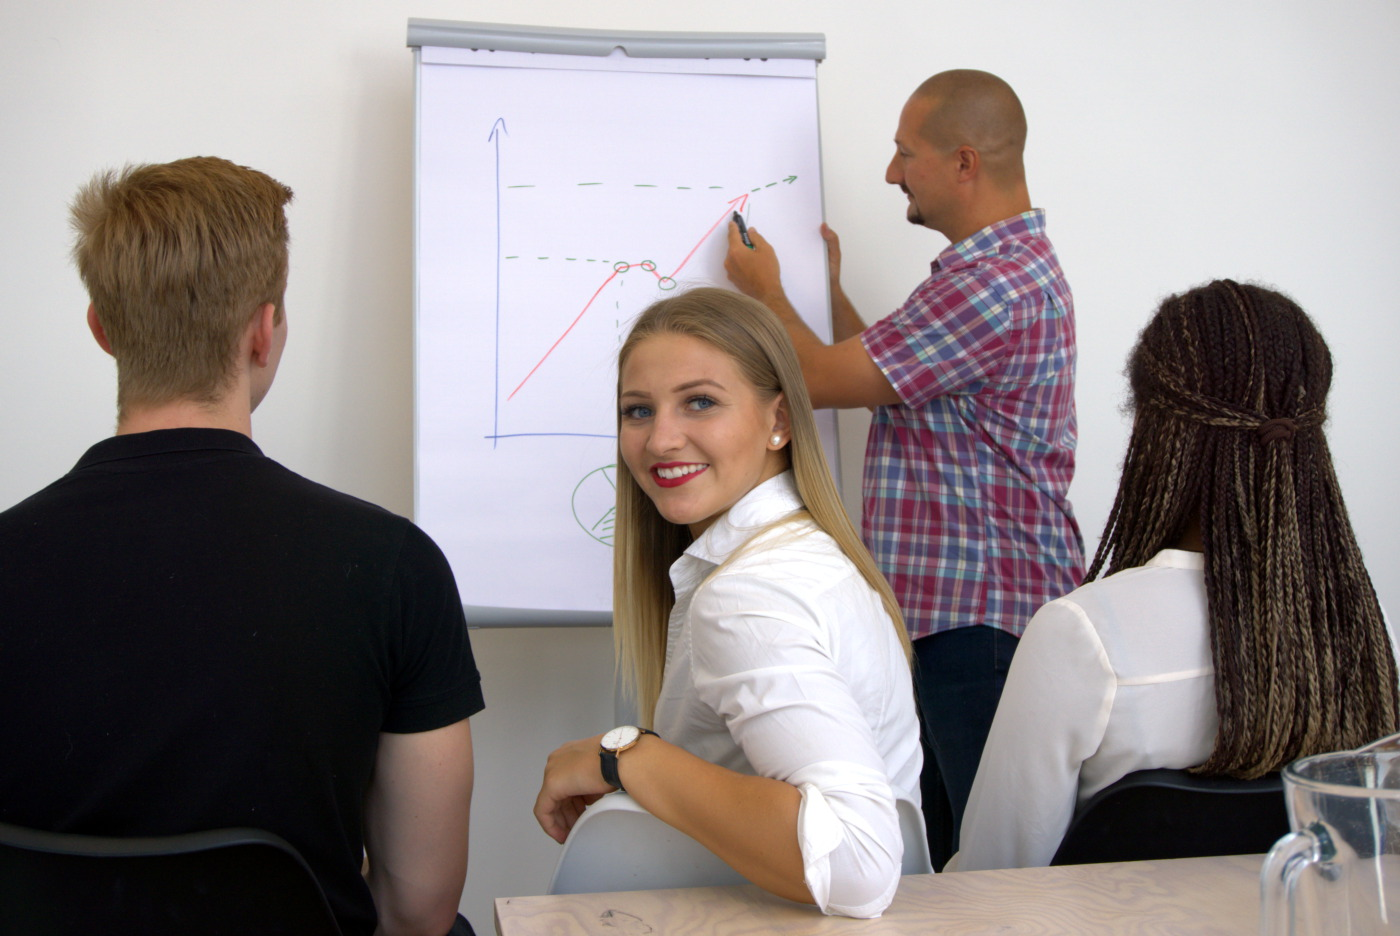 Junge Frau blickt während Meeting nach hinten